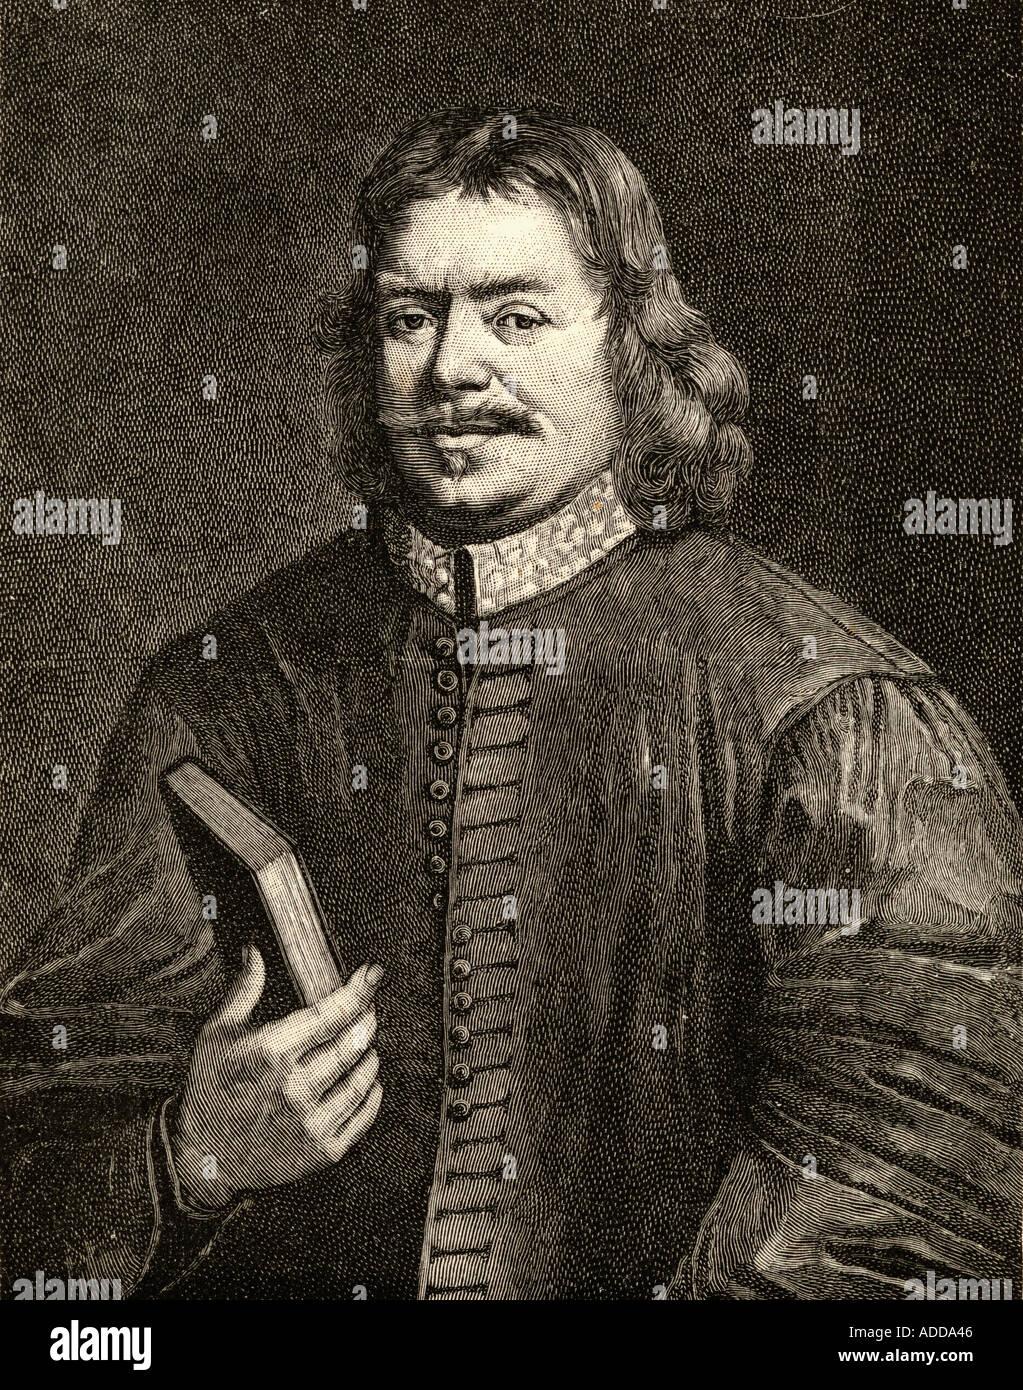 John Bunyan, 1628 -1688.  English writer and Puritan preacher. Author of The Pilgrim's Progress. - Stock Image